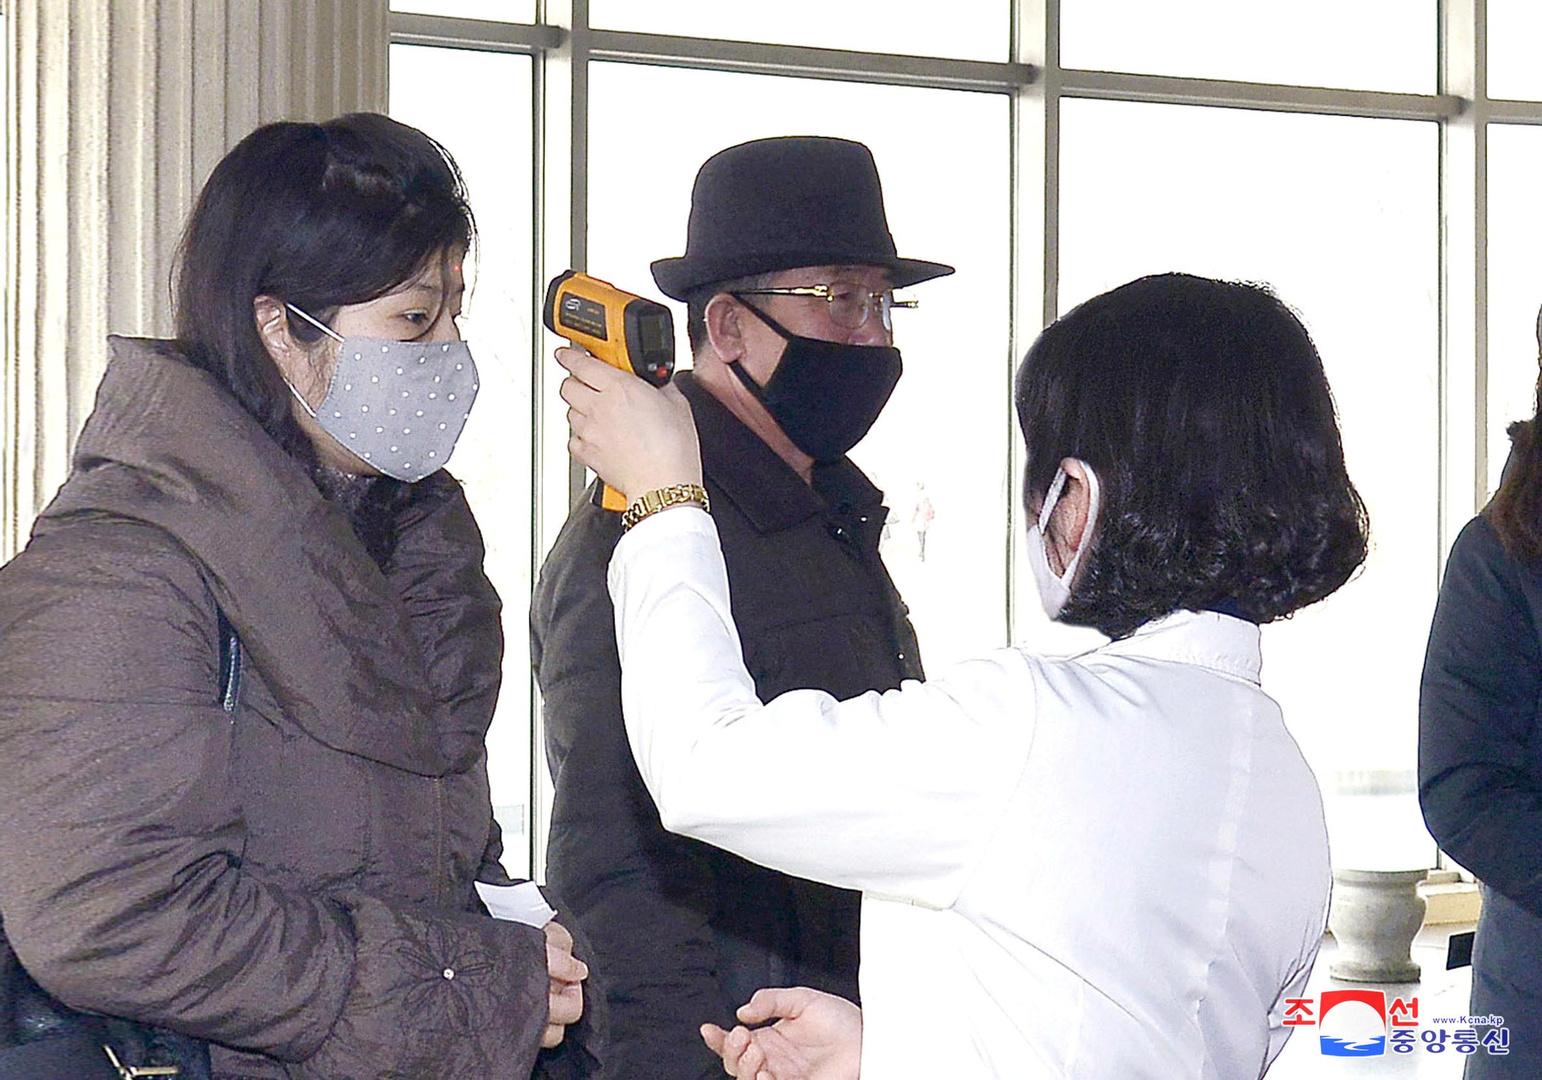 كوريا الجنوبية تسجل تراجعا ملحوظا في إصابات كورونا على أساس يومي